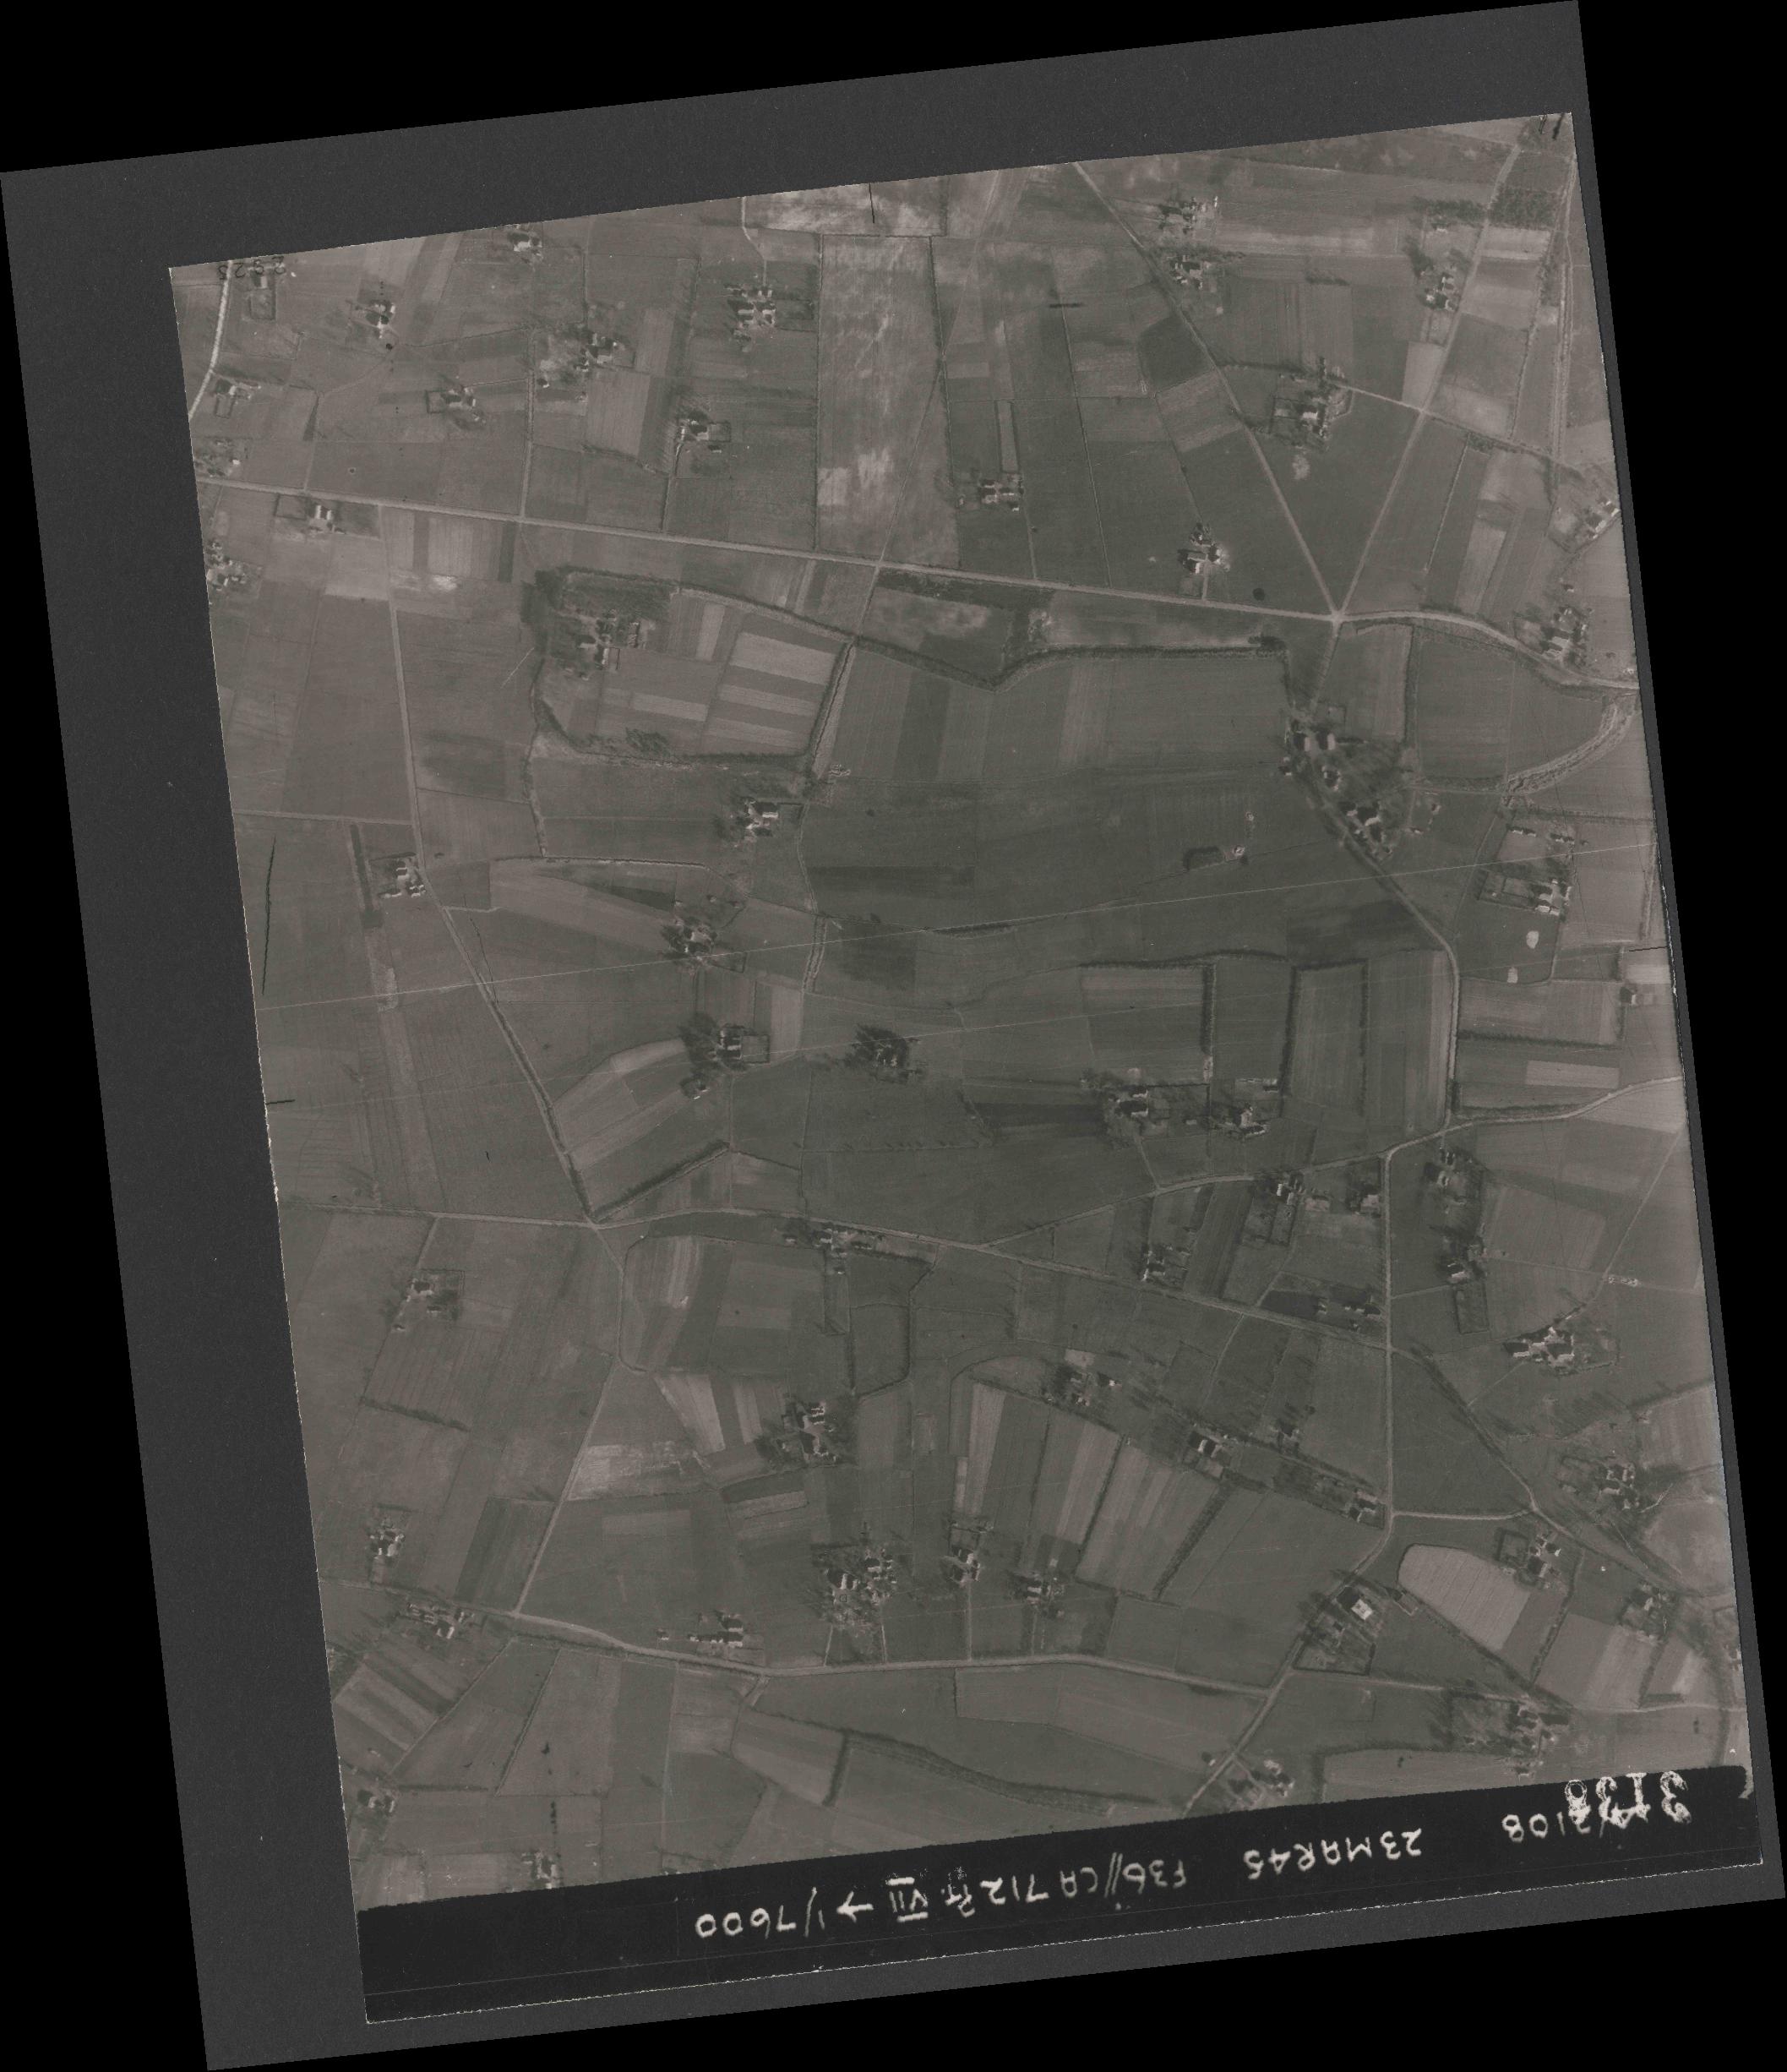 Collection RAF aerial photos 1940-1945 - flight 104, run 04, photo 3138